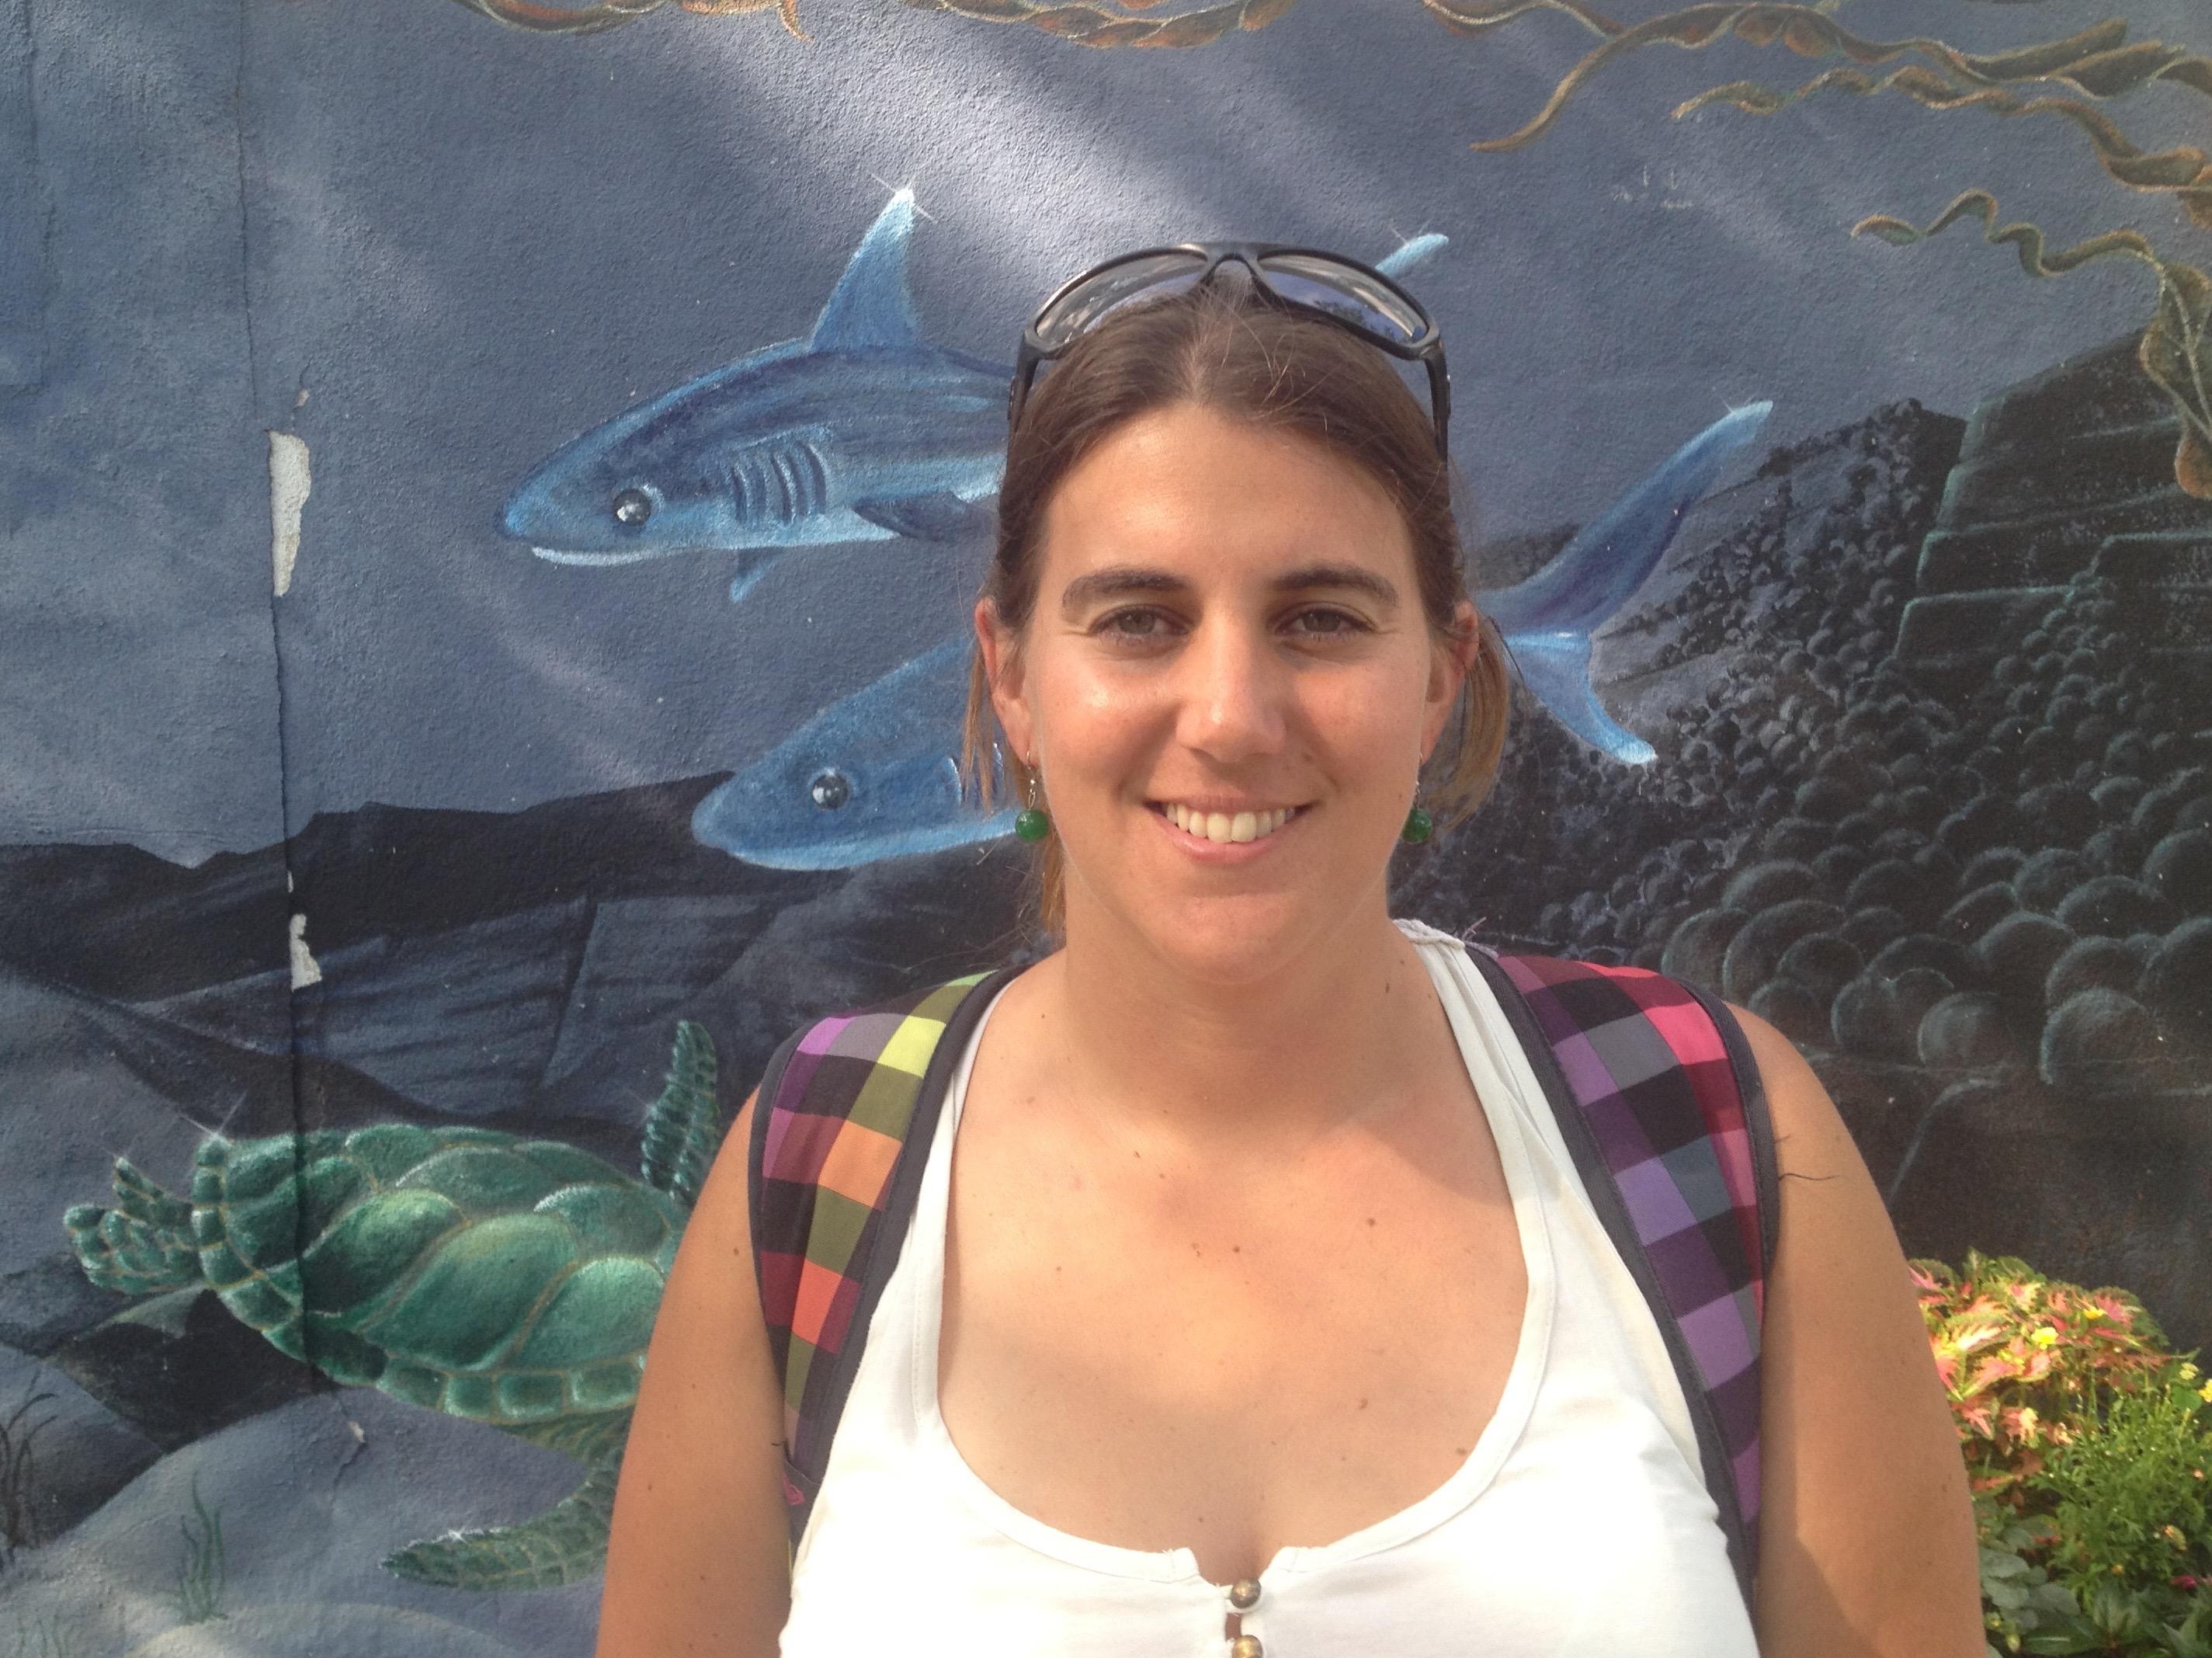 M. Dolores Perez-Hernandez